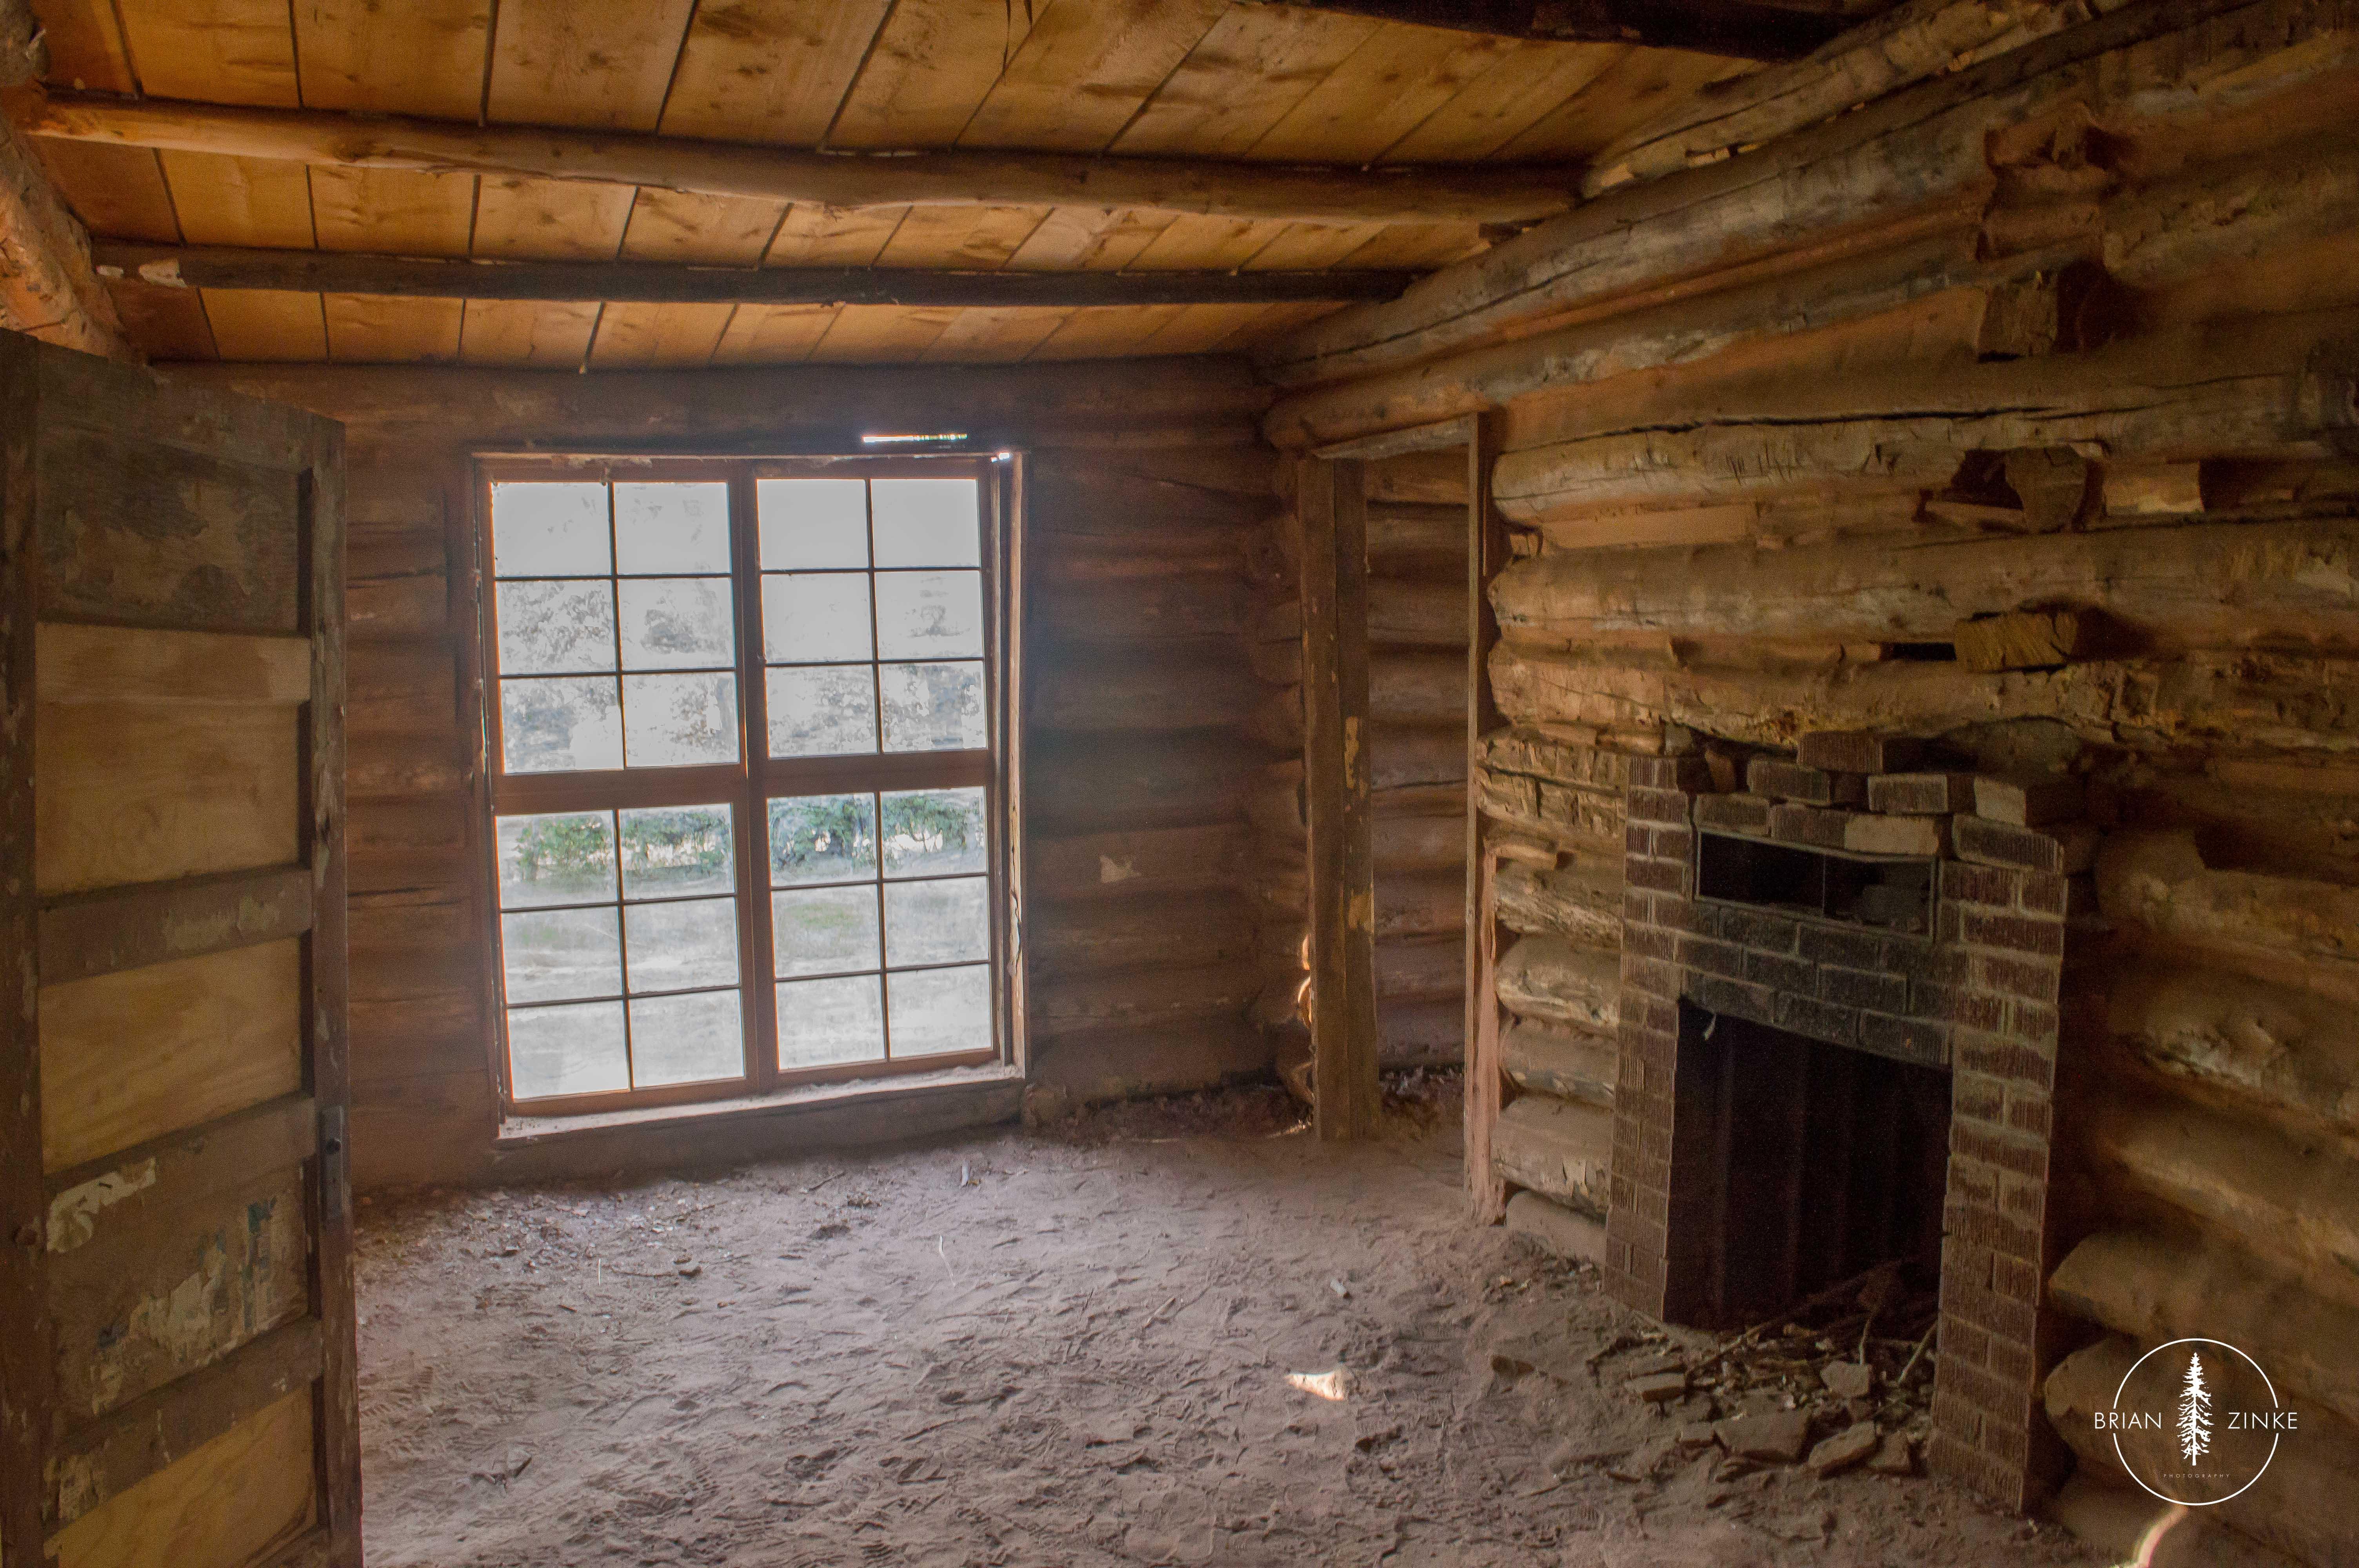 Josie's Cabin, Josie Morris, Dinosaur National Monument, Vernal, Utah